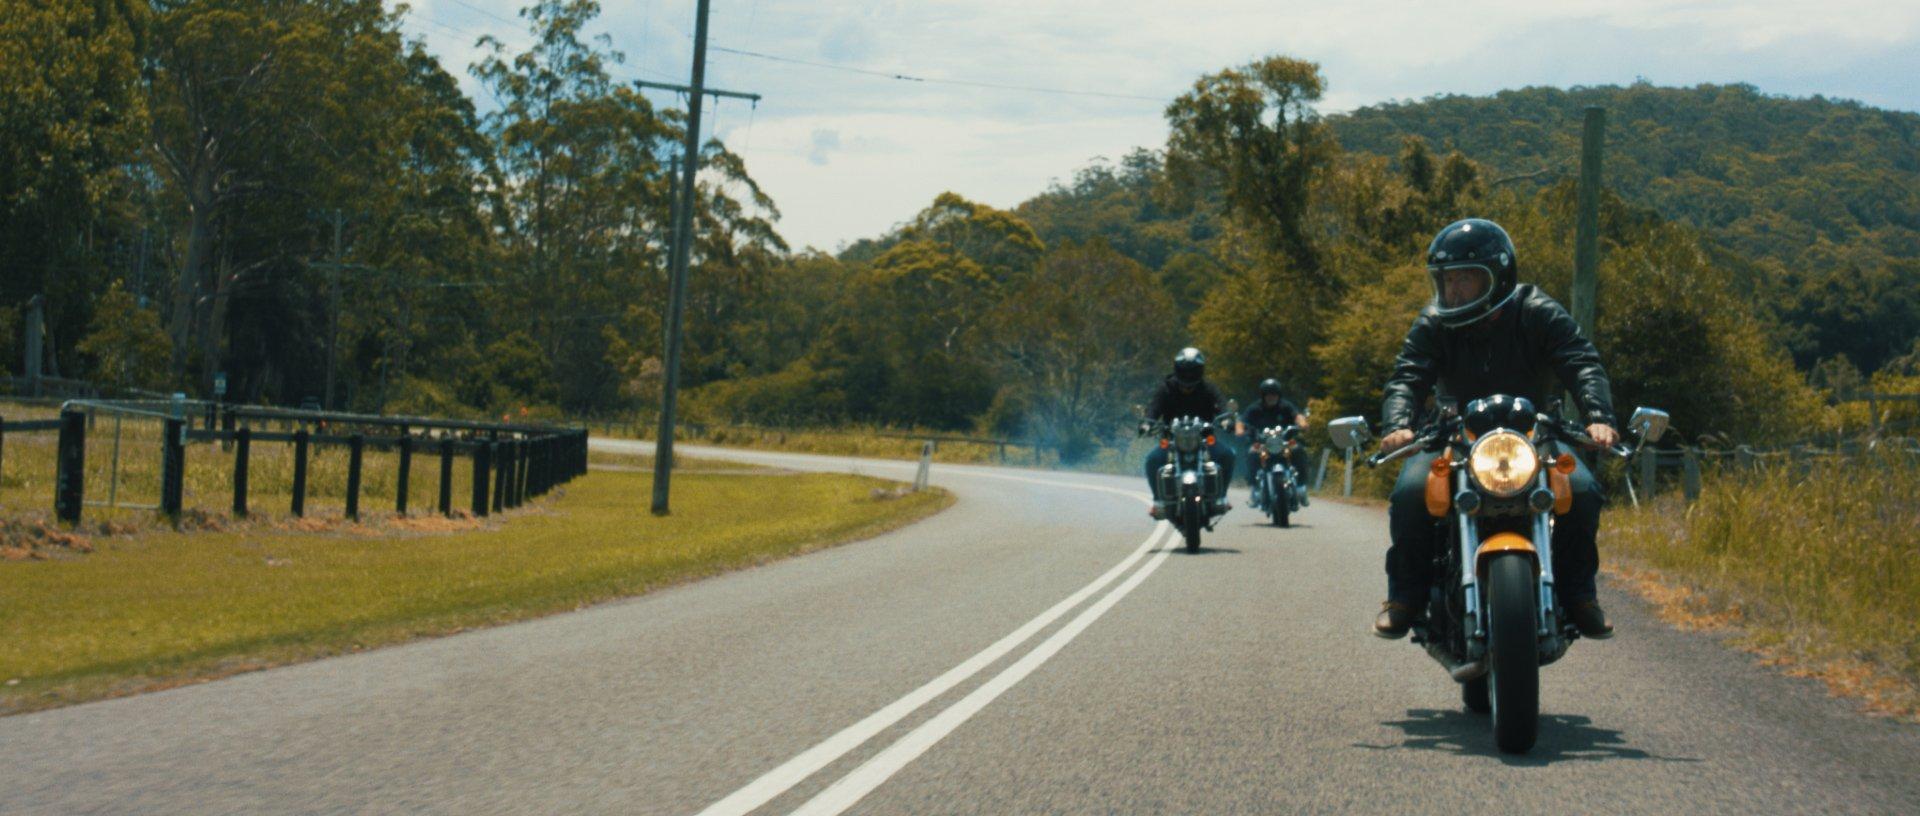 SDG moto custom bike documentary